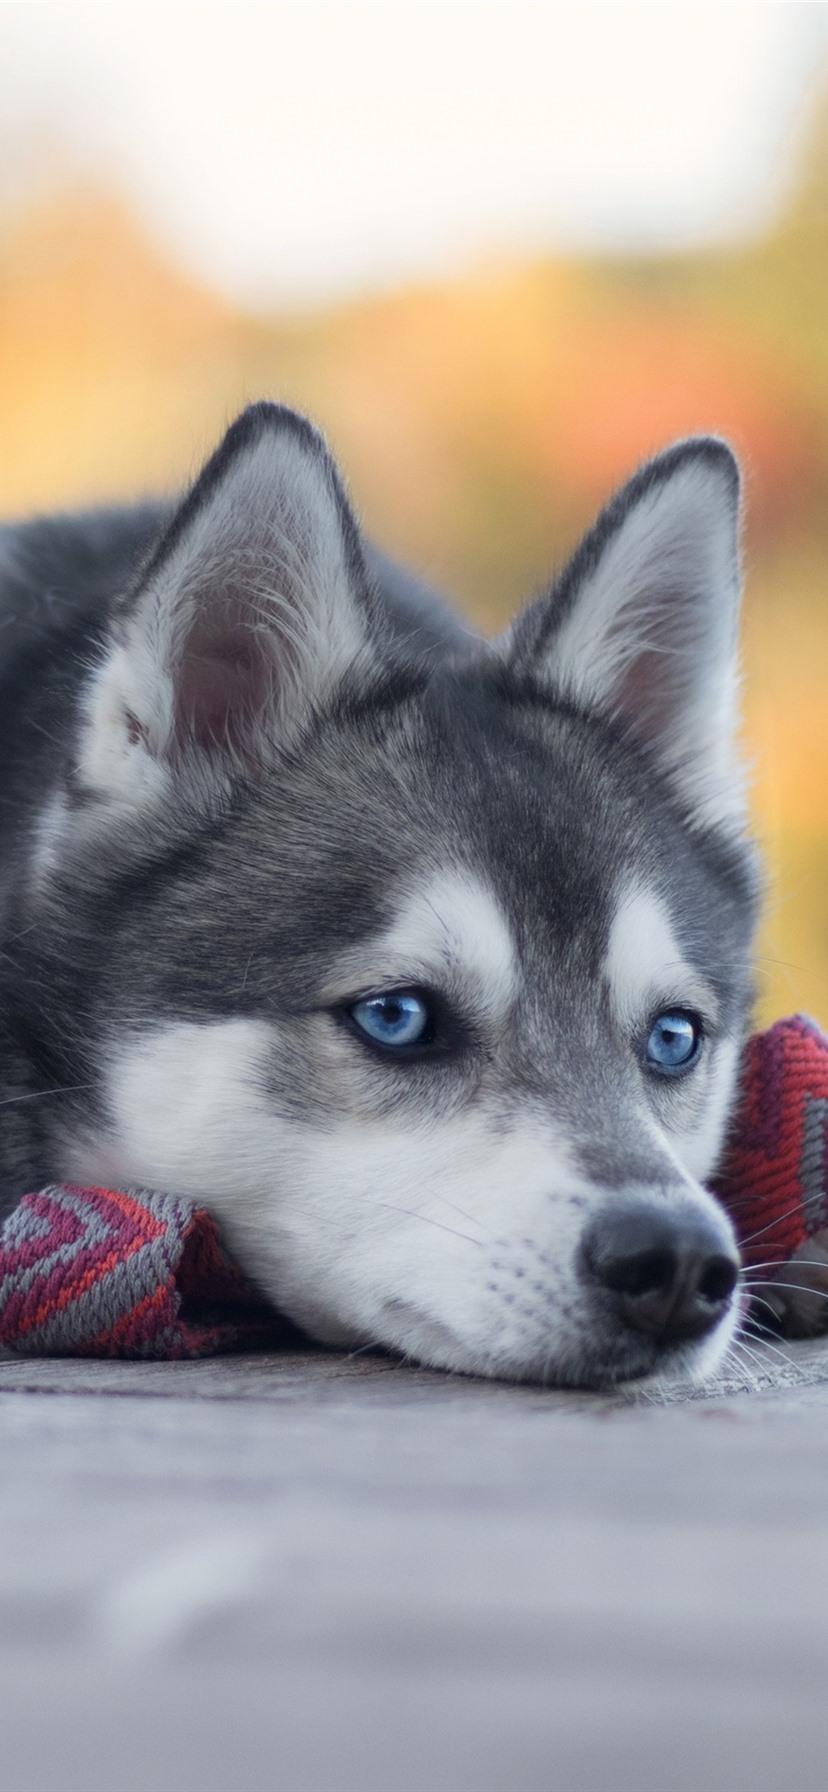 壁纸 哈士奇休息,蓝眼睛的狗 2880x1800 HD 高清壁纸, 图片, 照片